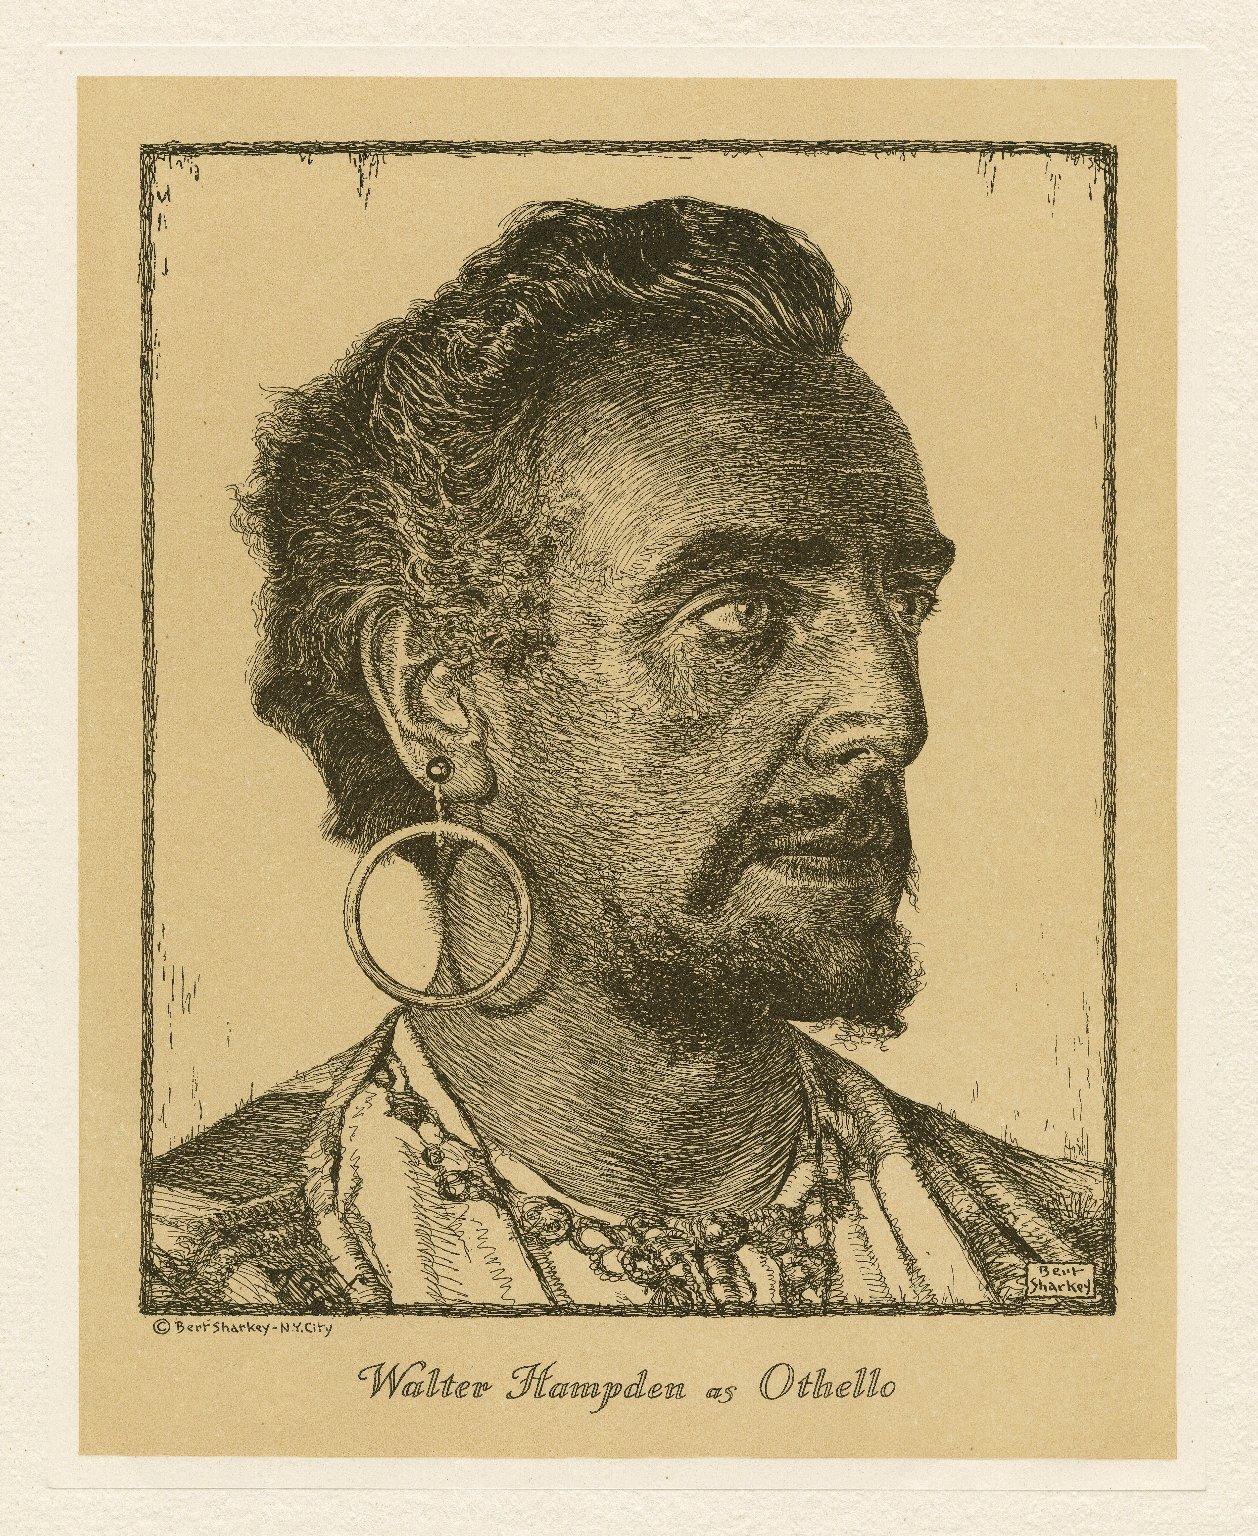 Walter Hampden as Othello [graphic] / Bert Sharkey.